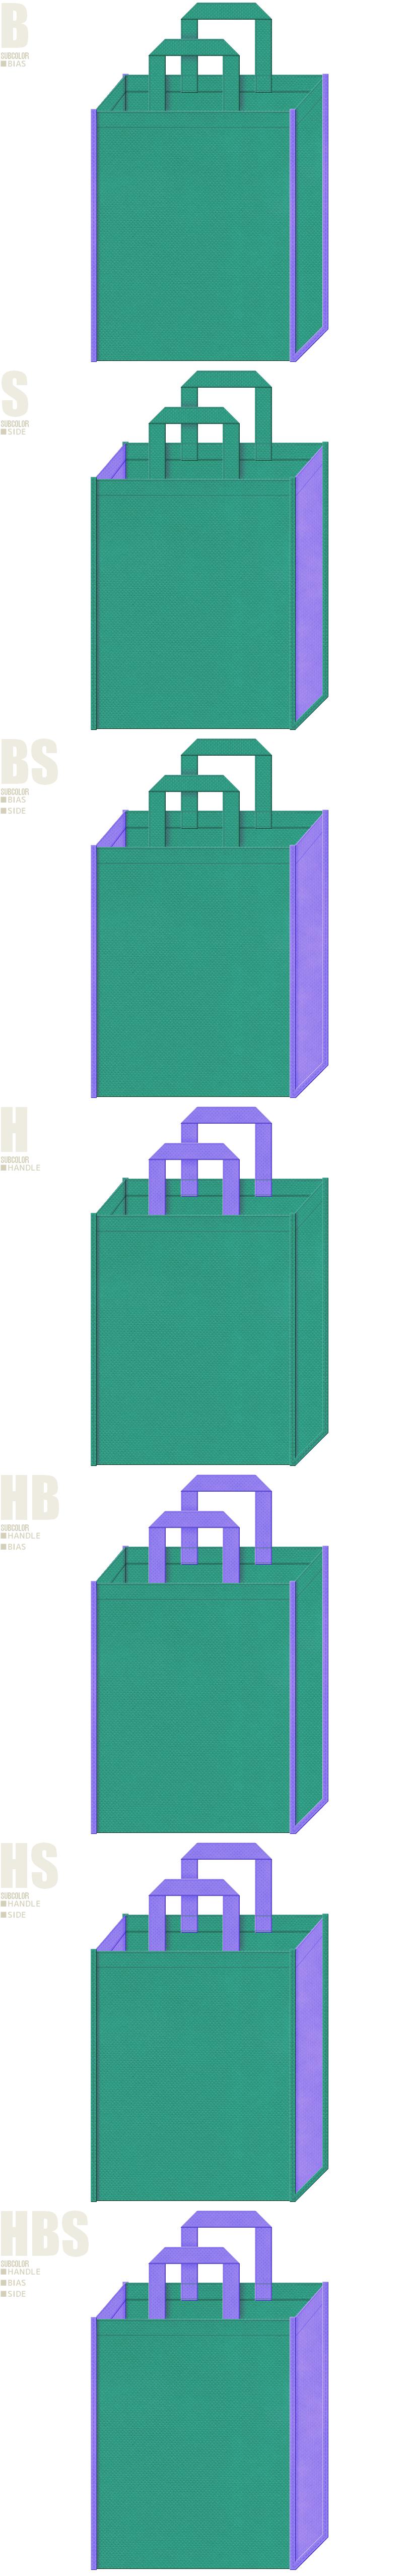 掃除・洗濯・消毒・日用品の展示会用バッグにお奨めの不織布バッグデザイン:青緑色と薄紫色の不織布バッグ配色7パターン。